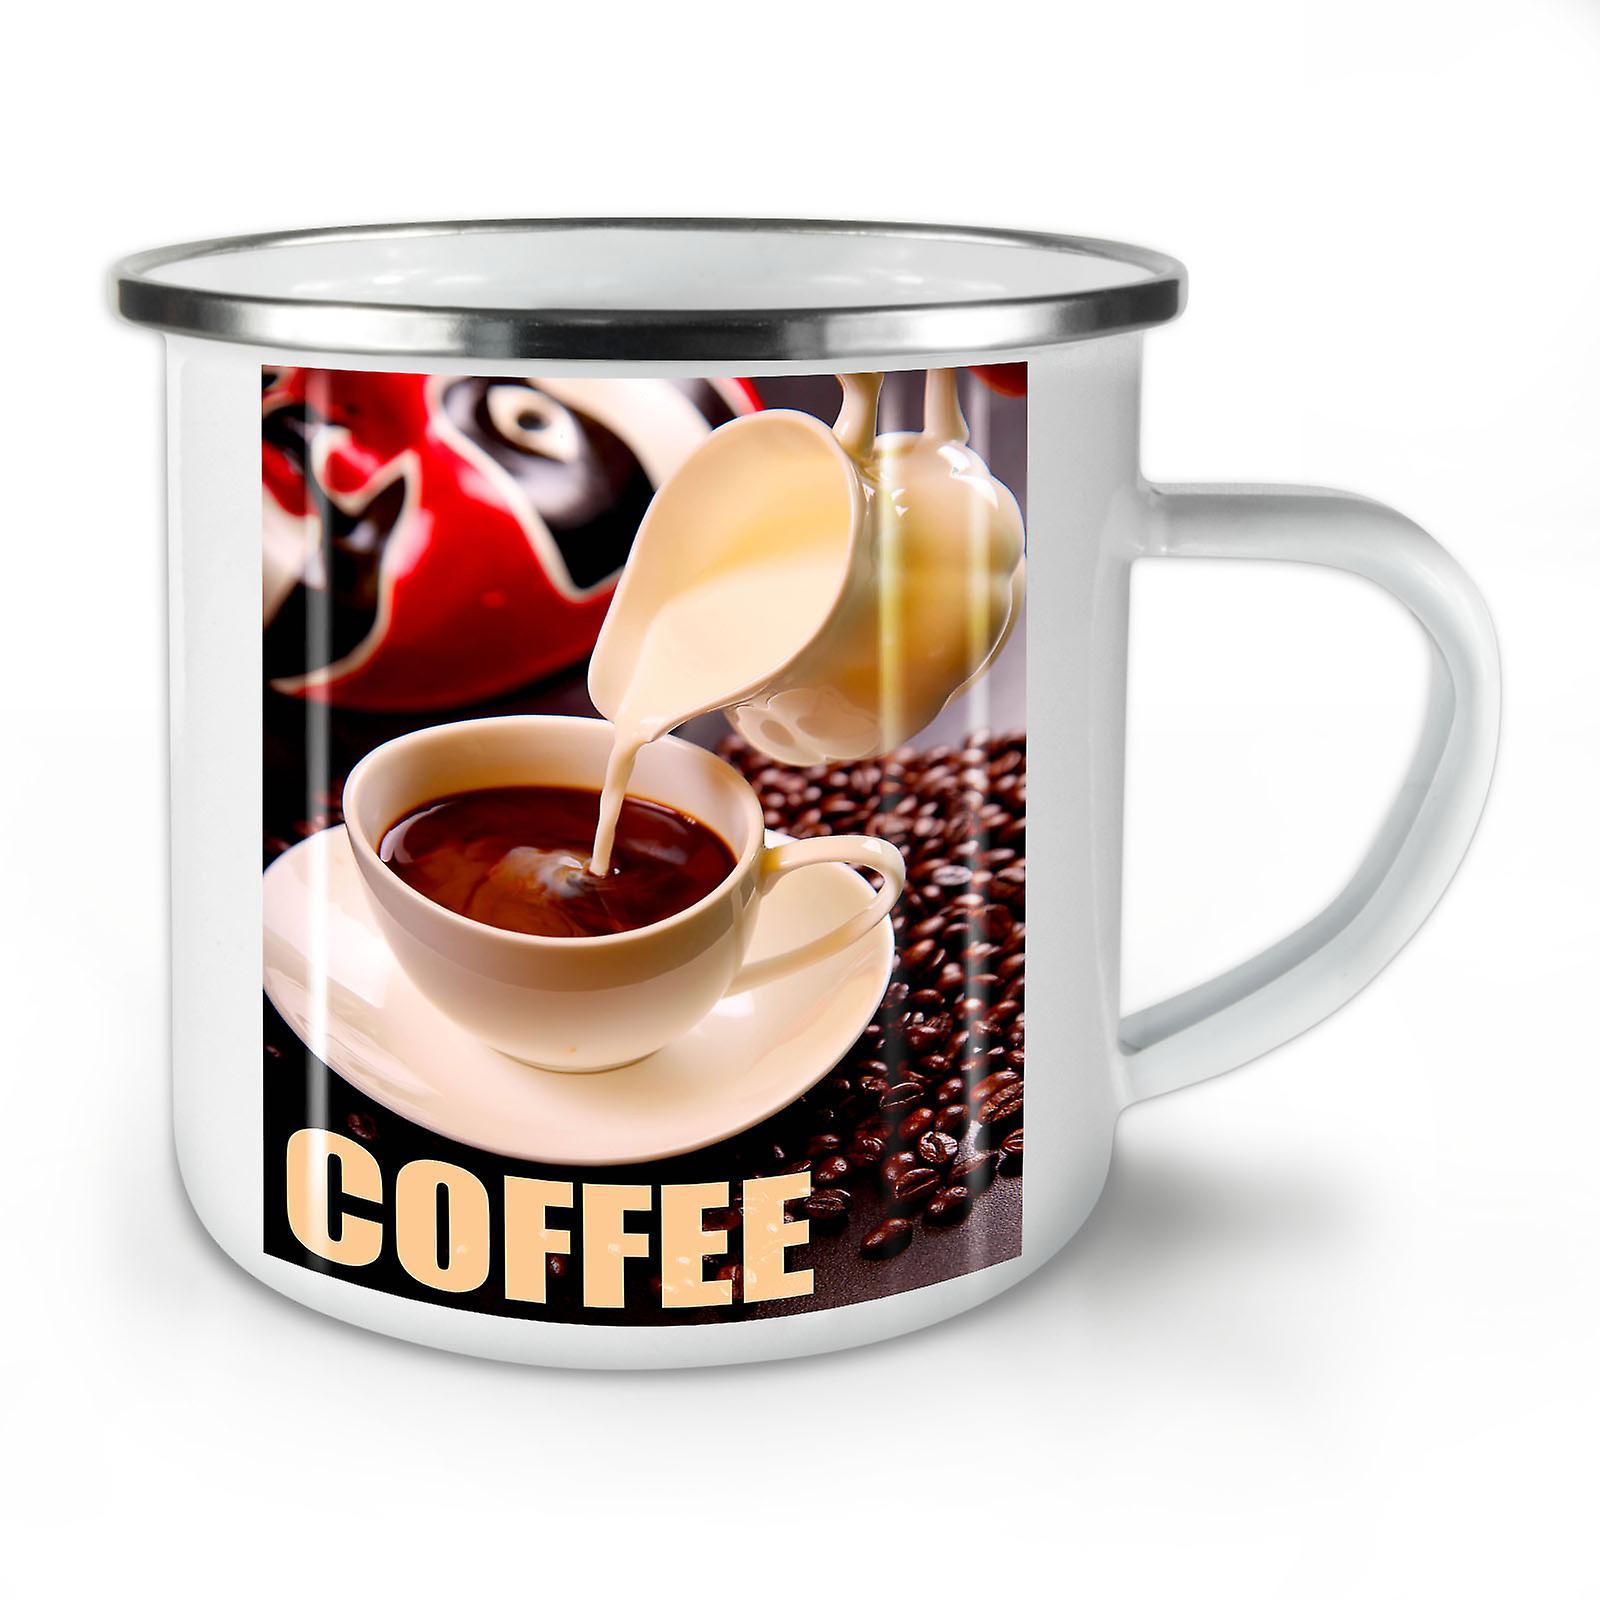 De Émail OzWellcoda Mug10 Alimentaire Nouveau Grain Lait Café Whitetea dQxWErCeBo